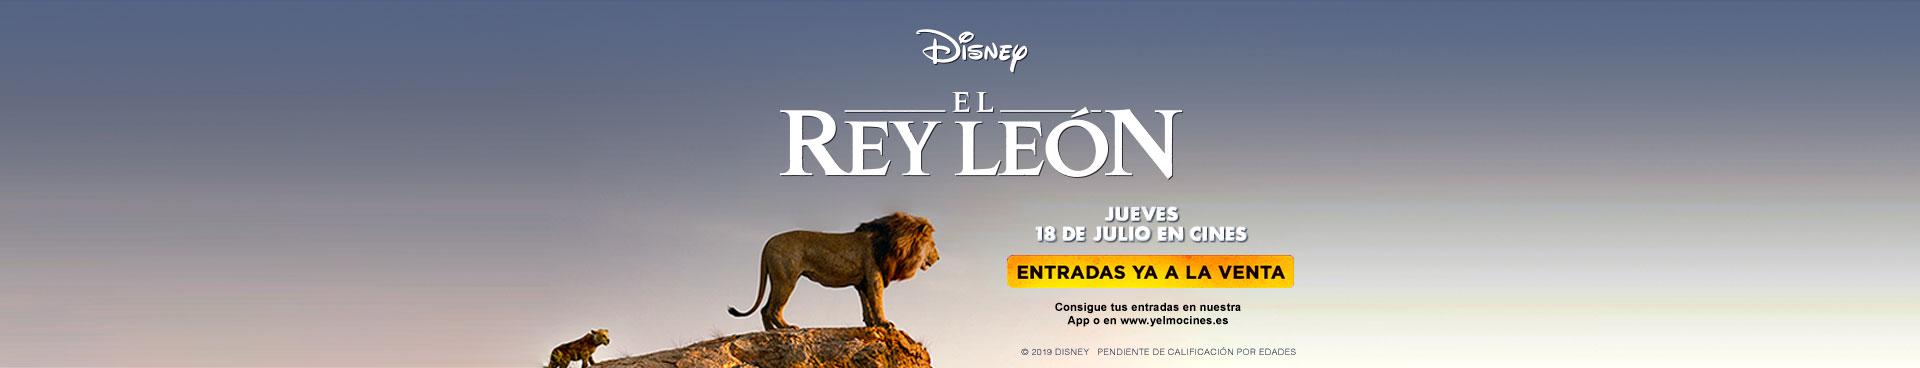 Venta Anticipada El Rey León